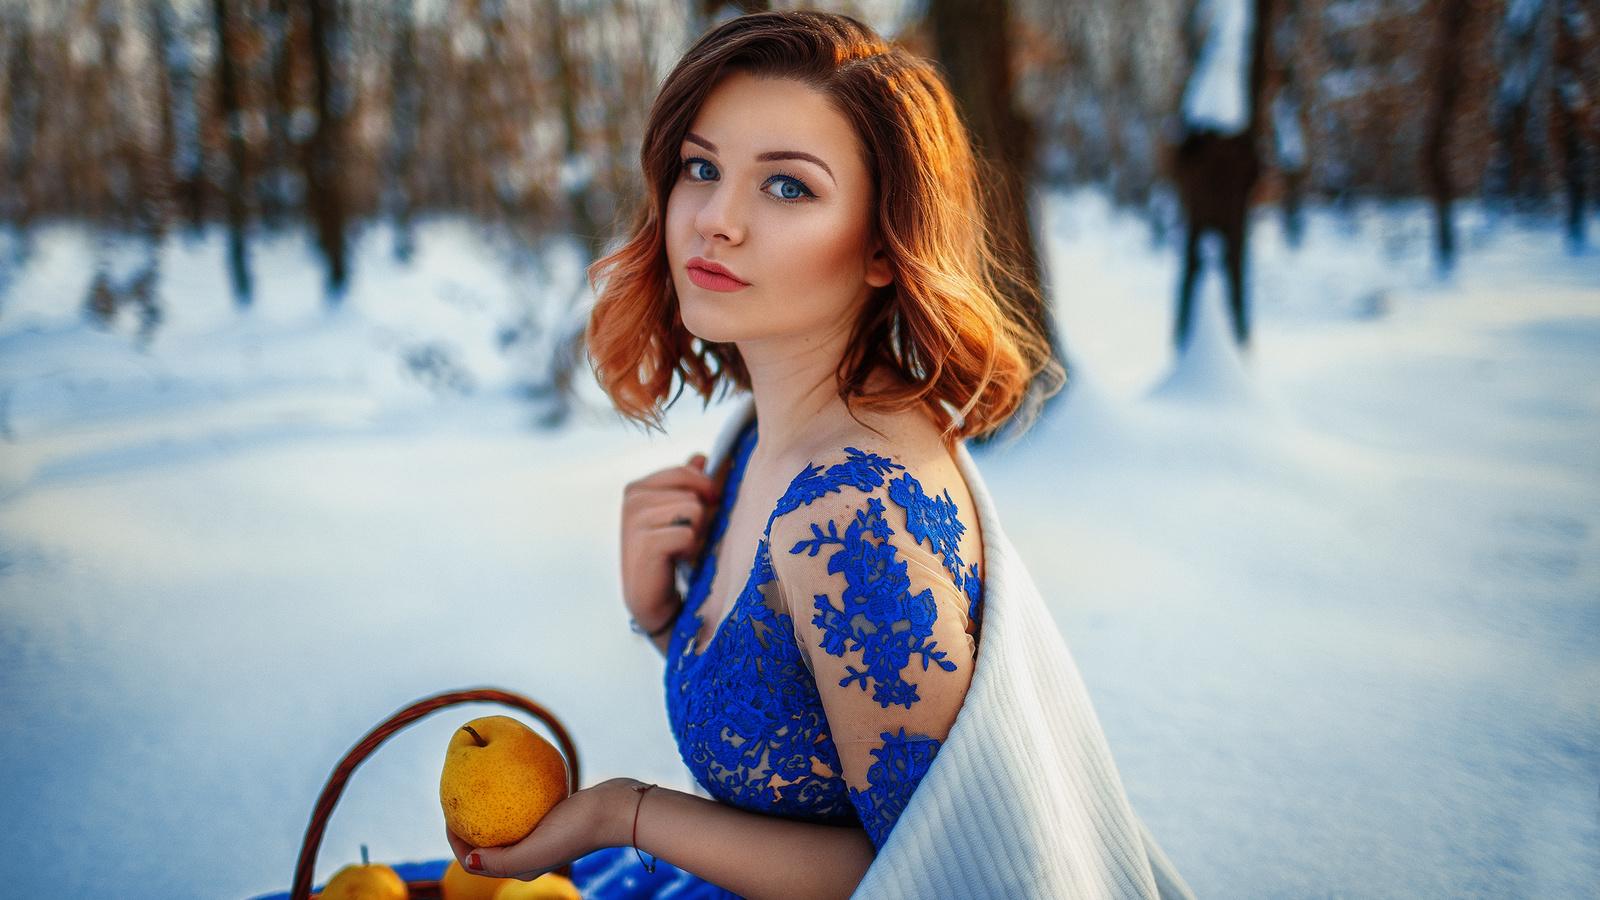 женщина, снег, зима, груши